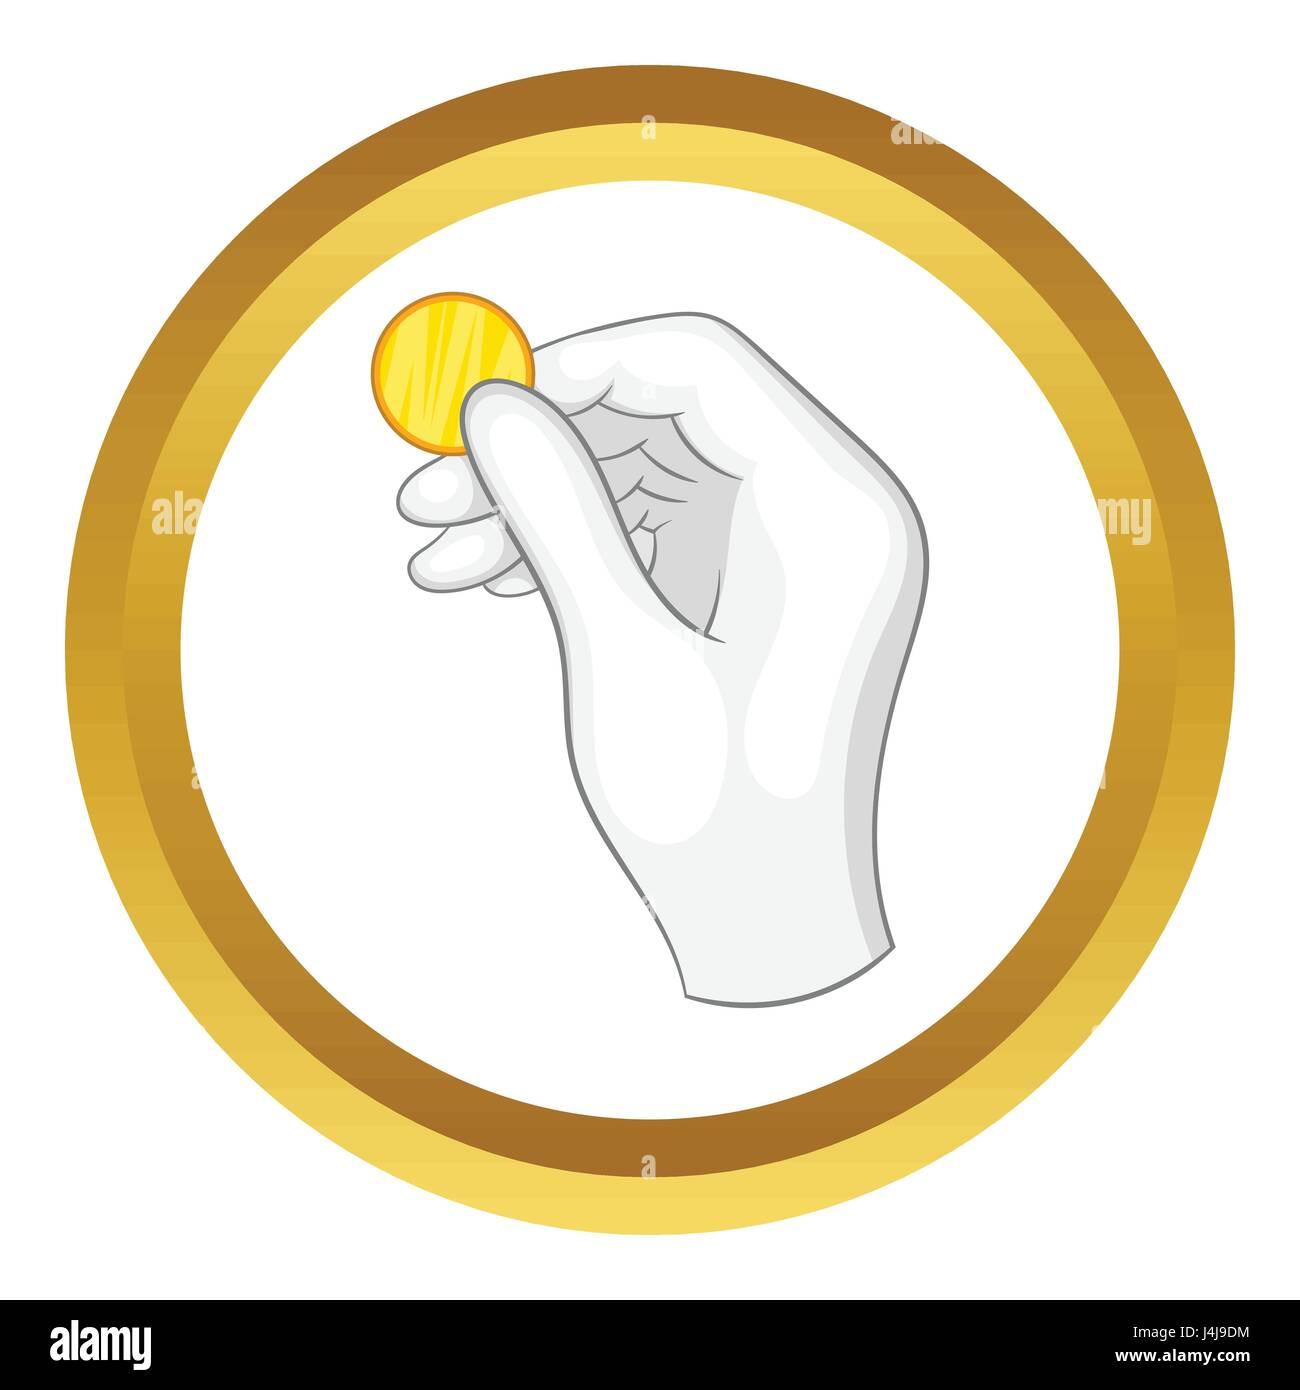 Geben Sie Einen Weißen Handschuh Hält Eine Münze Vektor Icon Vektor